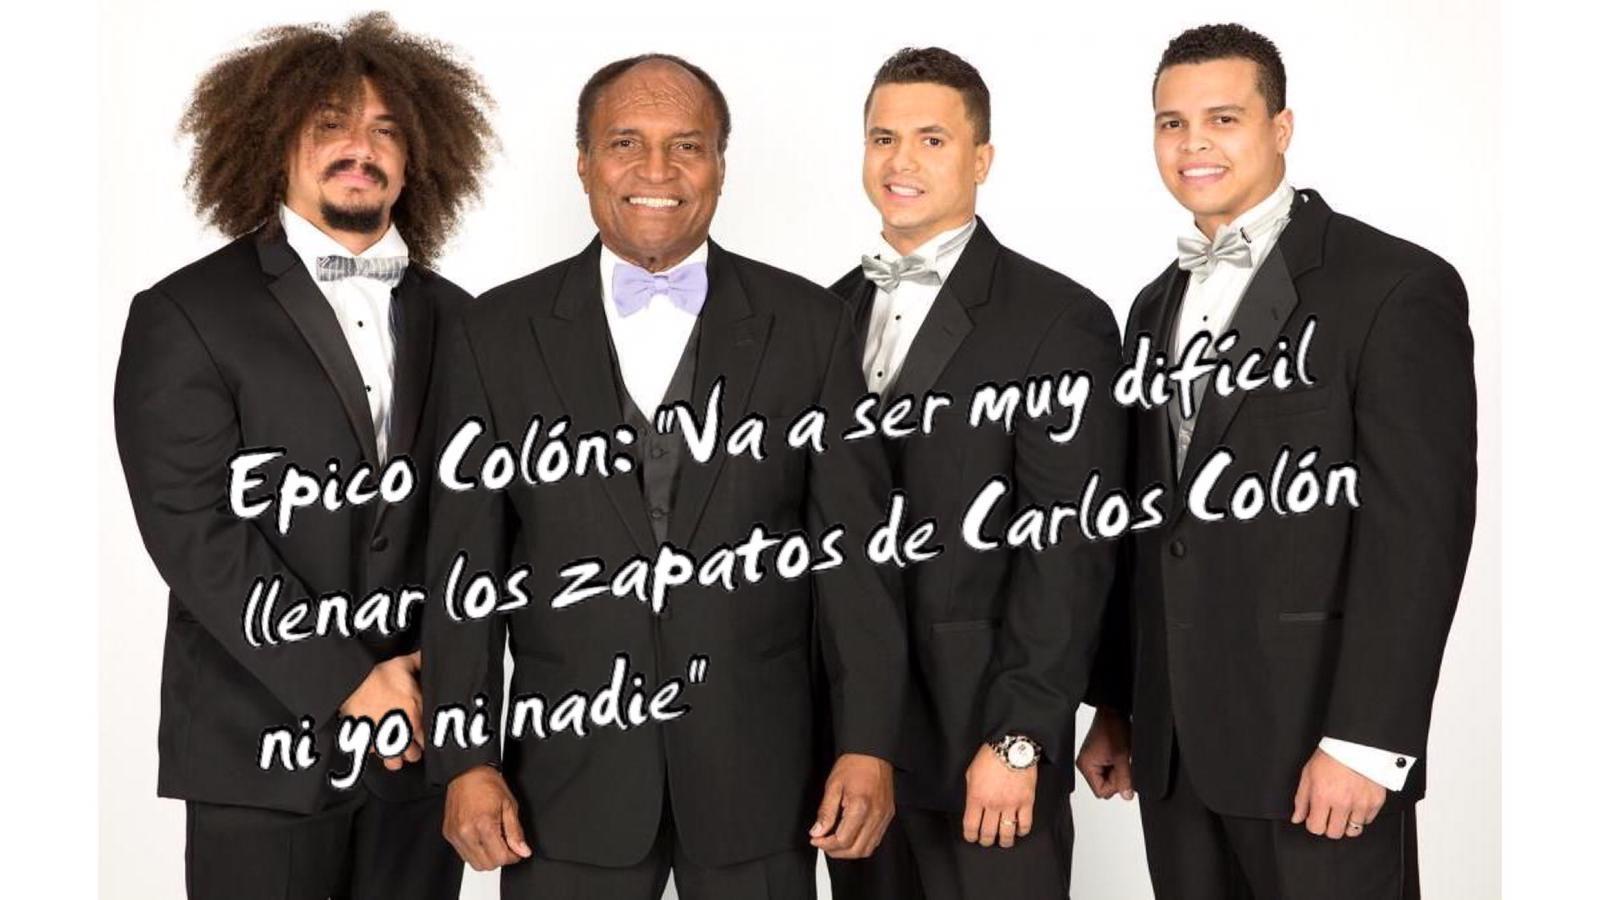 """Epico Colón: """"Va a ser muy difícil llenar los zapatos de Carlos Colón ni yo ni nadie"""" 13"""